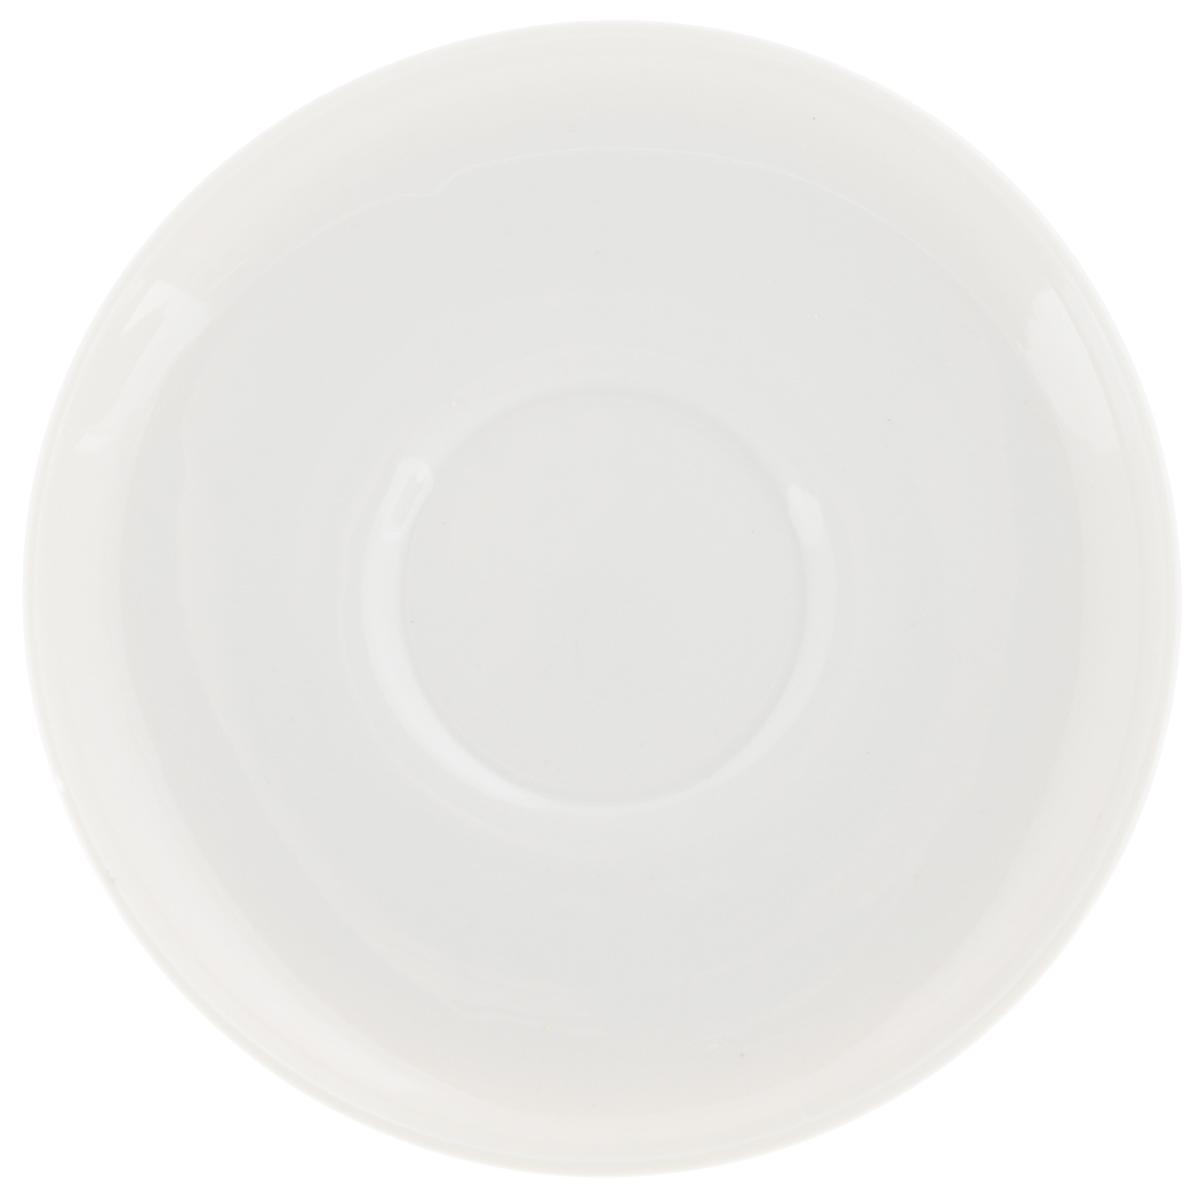 Блюдце Фарфор Вербилок Европейское, диаметр 14 см2181000ББлюдце Фарфор Вербилок Европейское выполнено из высококачественного фарфора. После обжига глазурь становится прозрачной, изделие приобретает глянцевый блеск и твердость. Блюдце Фарфор Вербилок Европейское идеально подойдет для сервировки стола и станет отличным подарком к любому празднику.